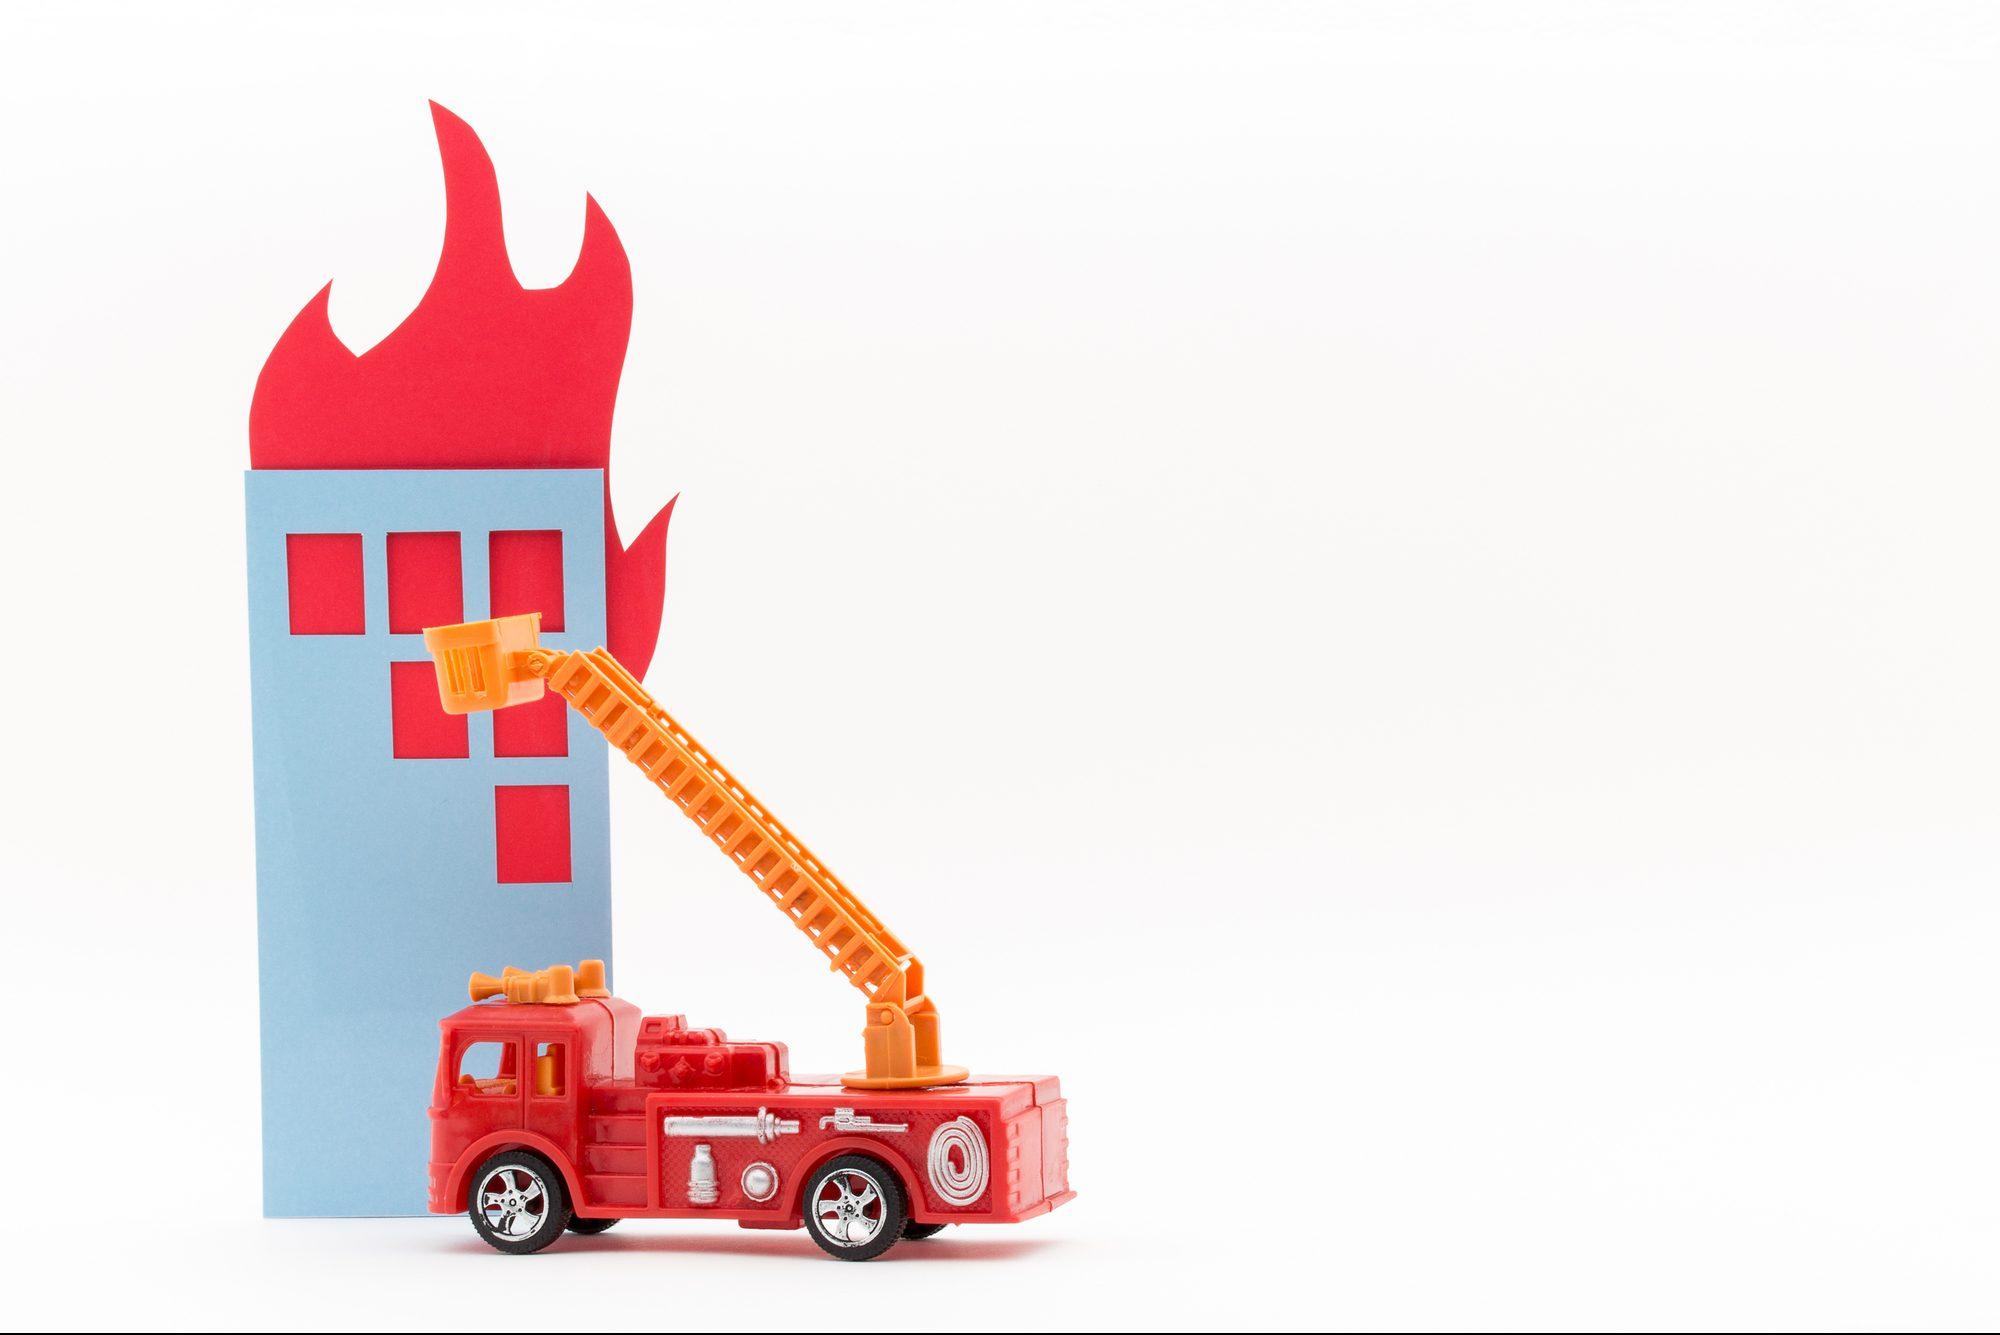 消防車の模型